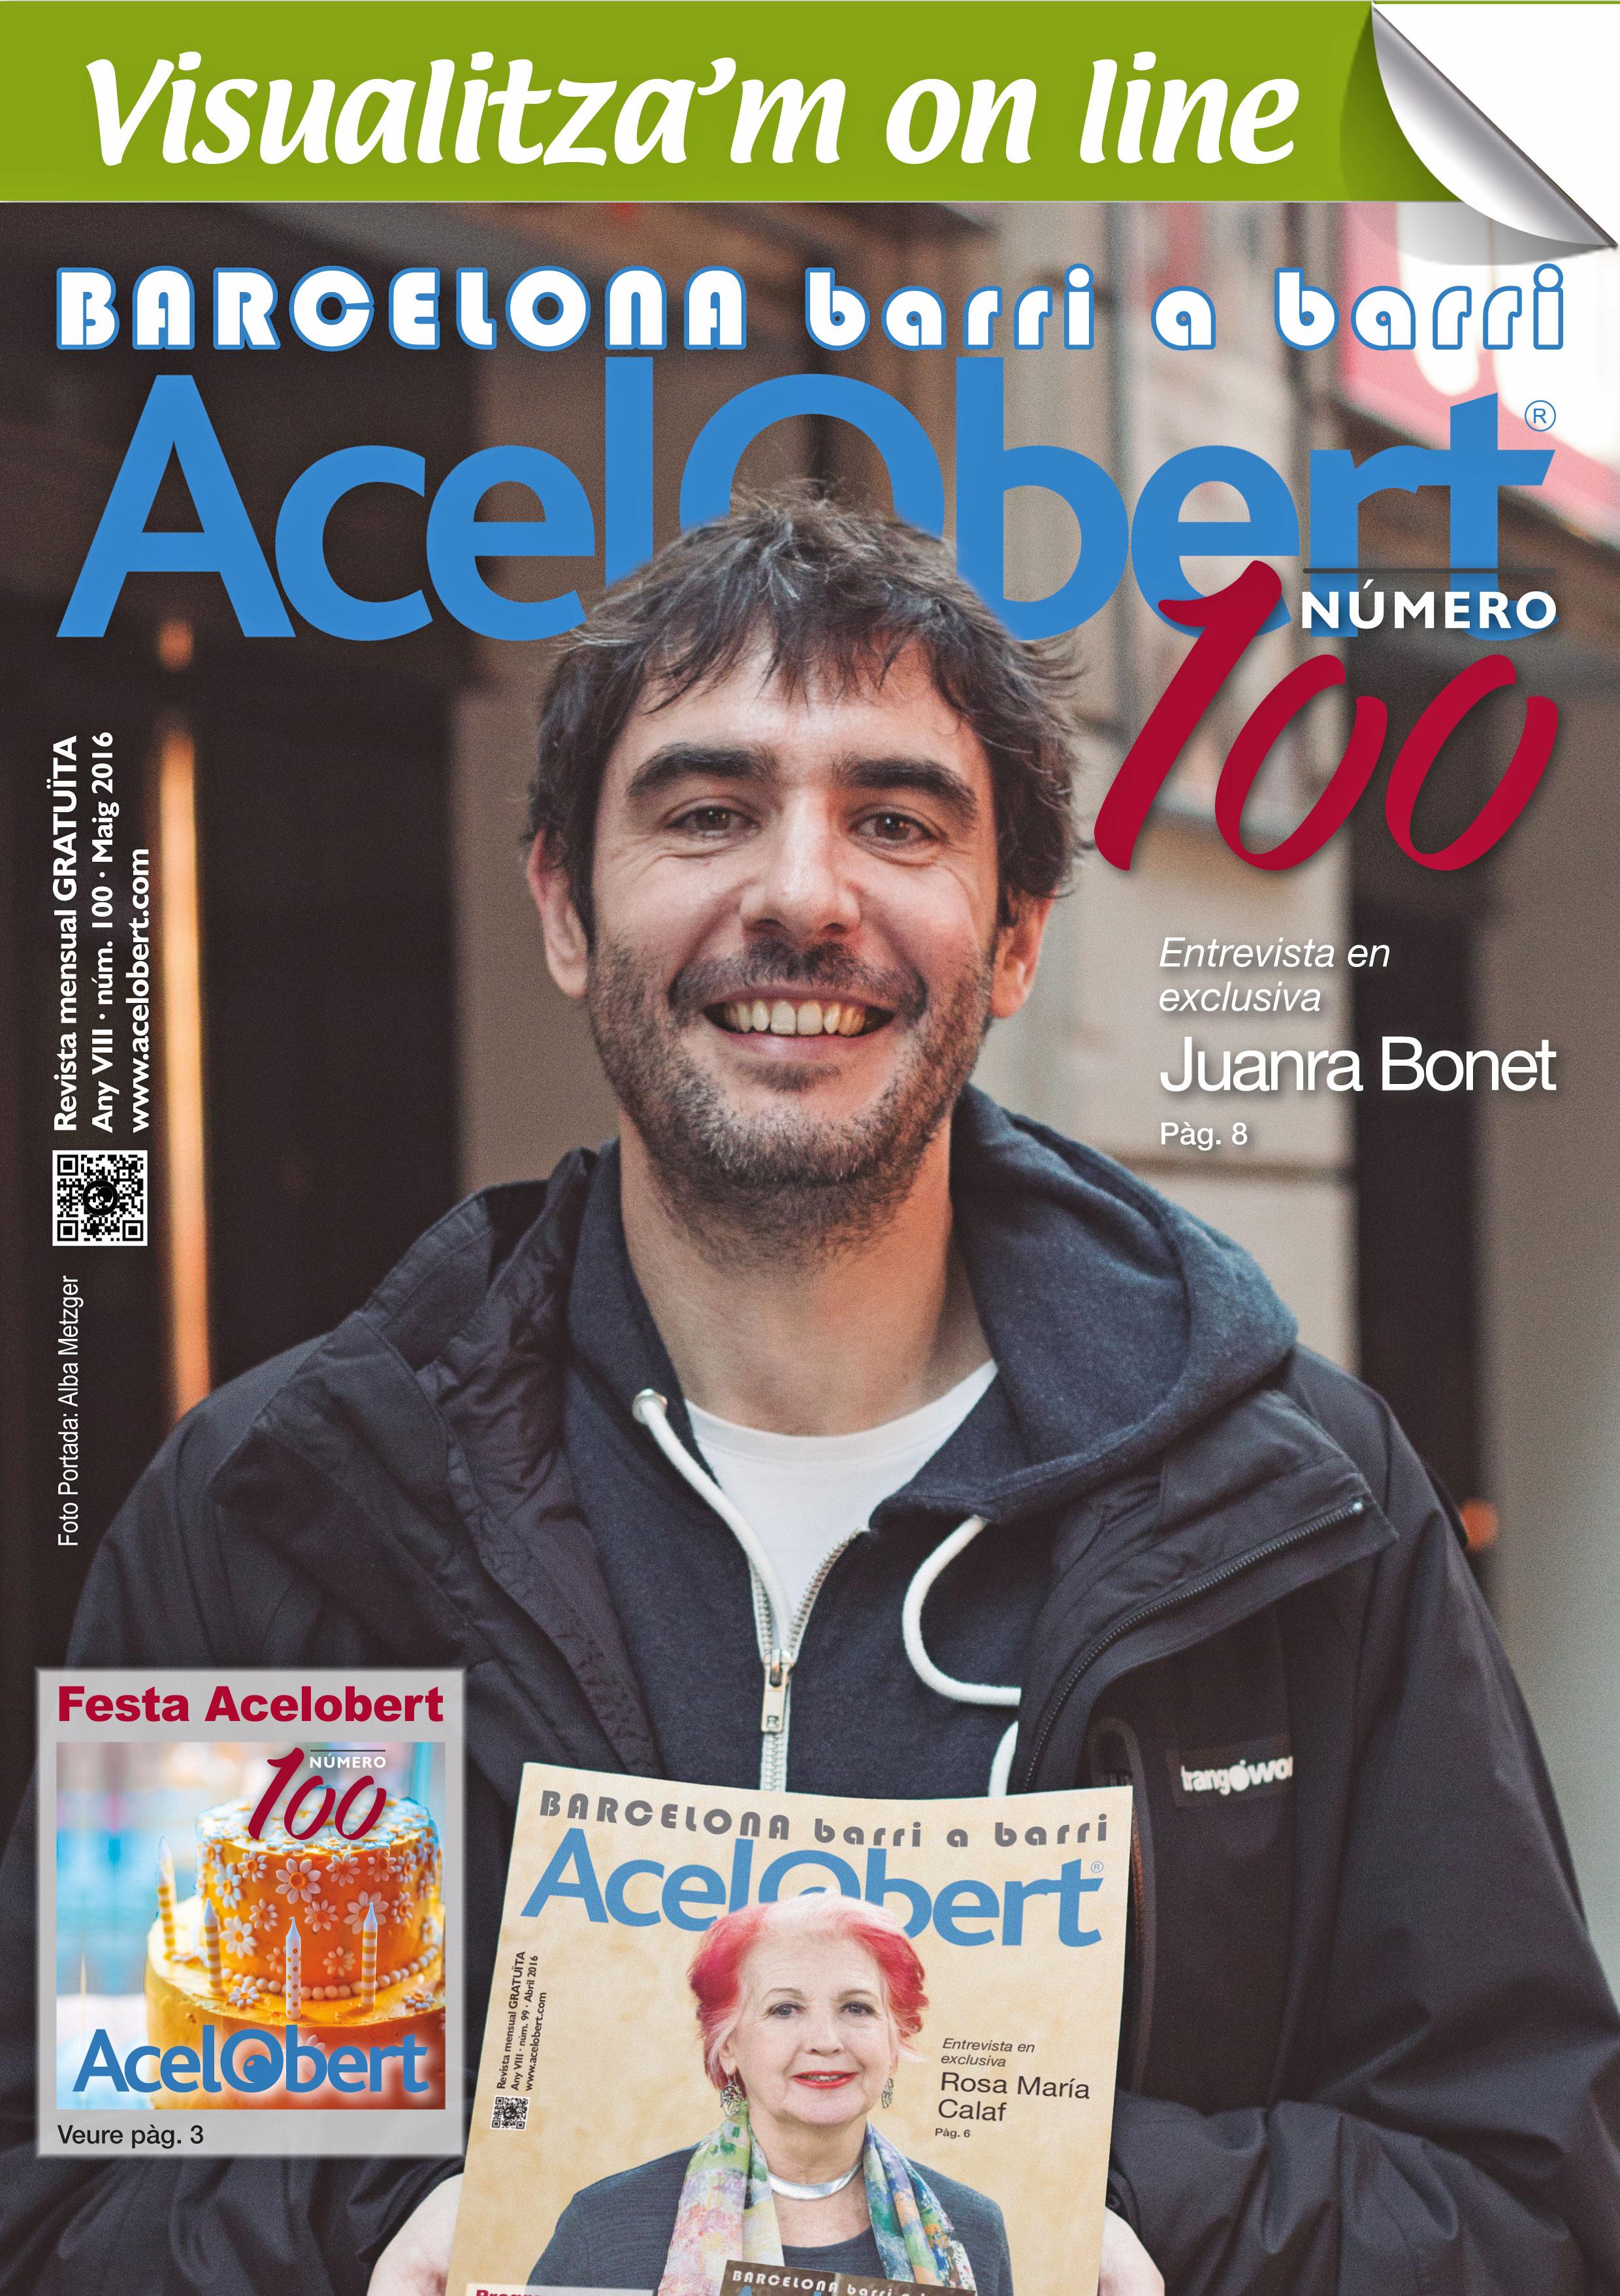 Acelobert 100